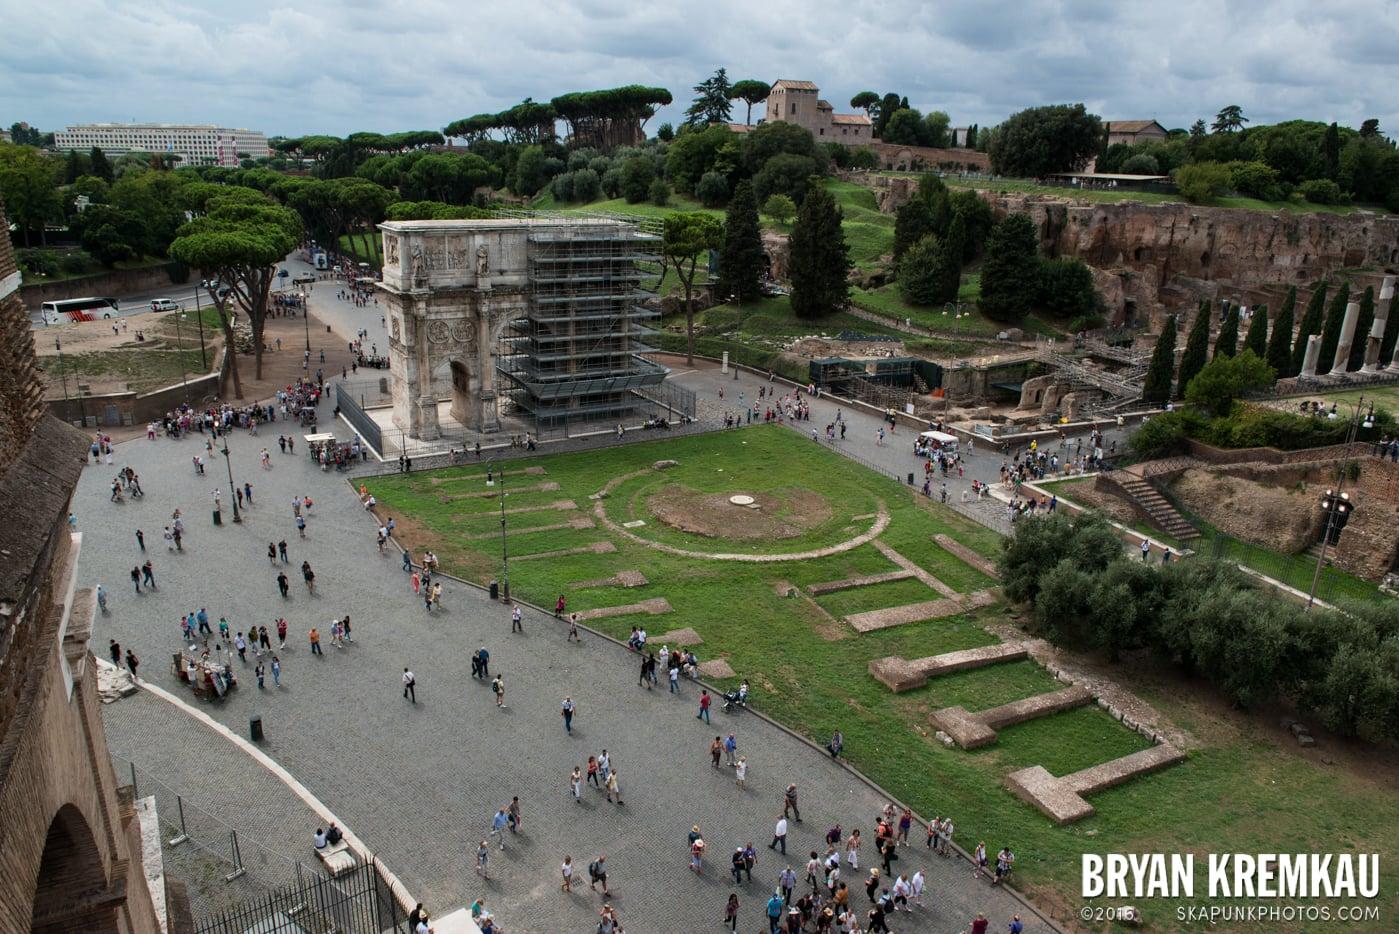 Italy Vacation - Day 2: Rome - 9.10.13 (45)